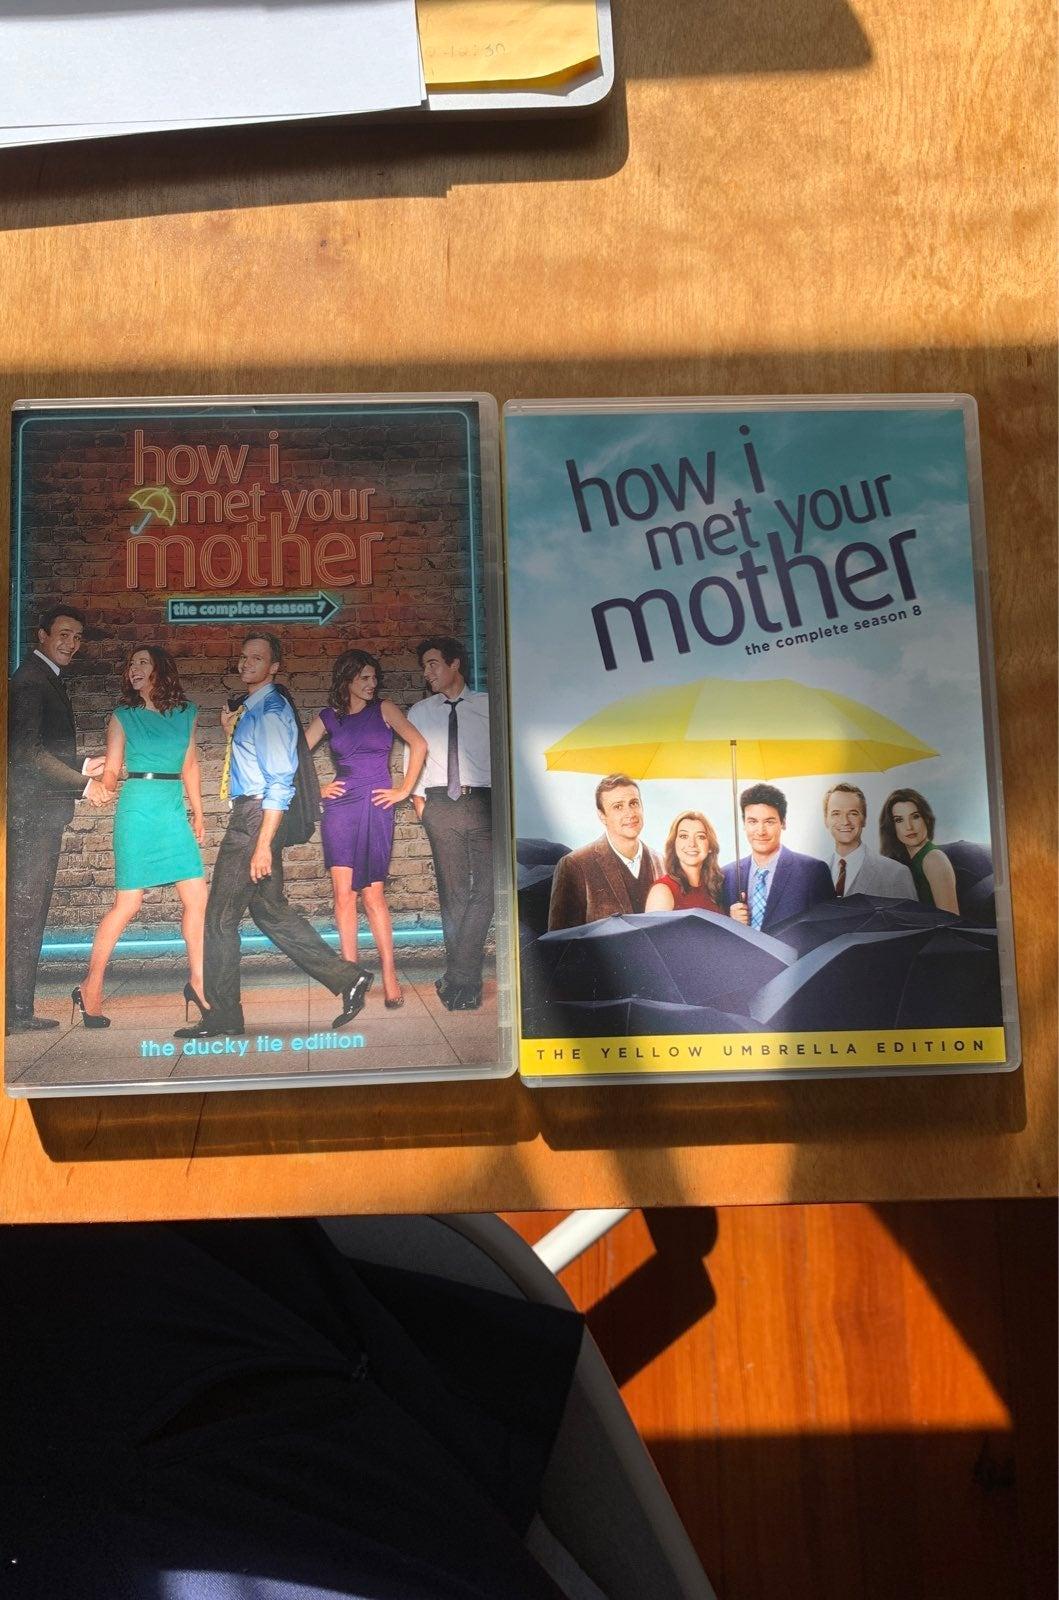 How i met your mother season dvds